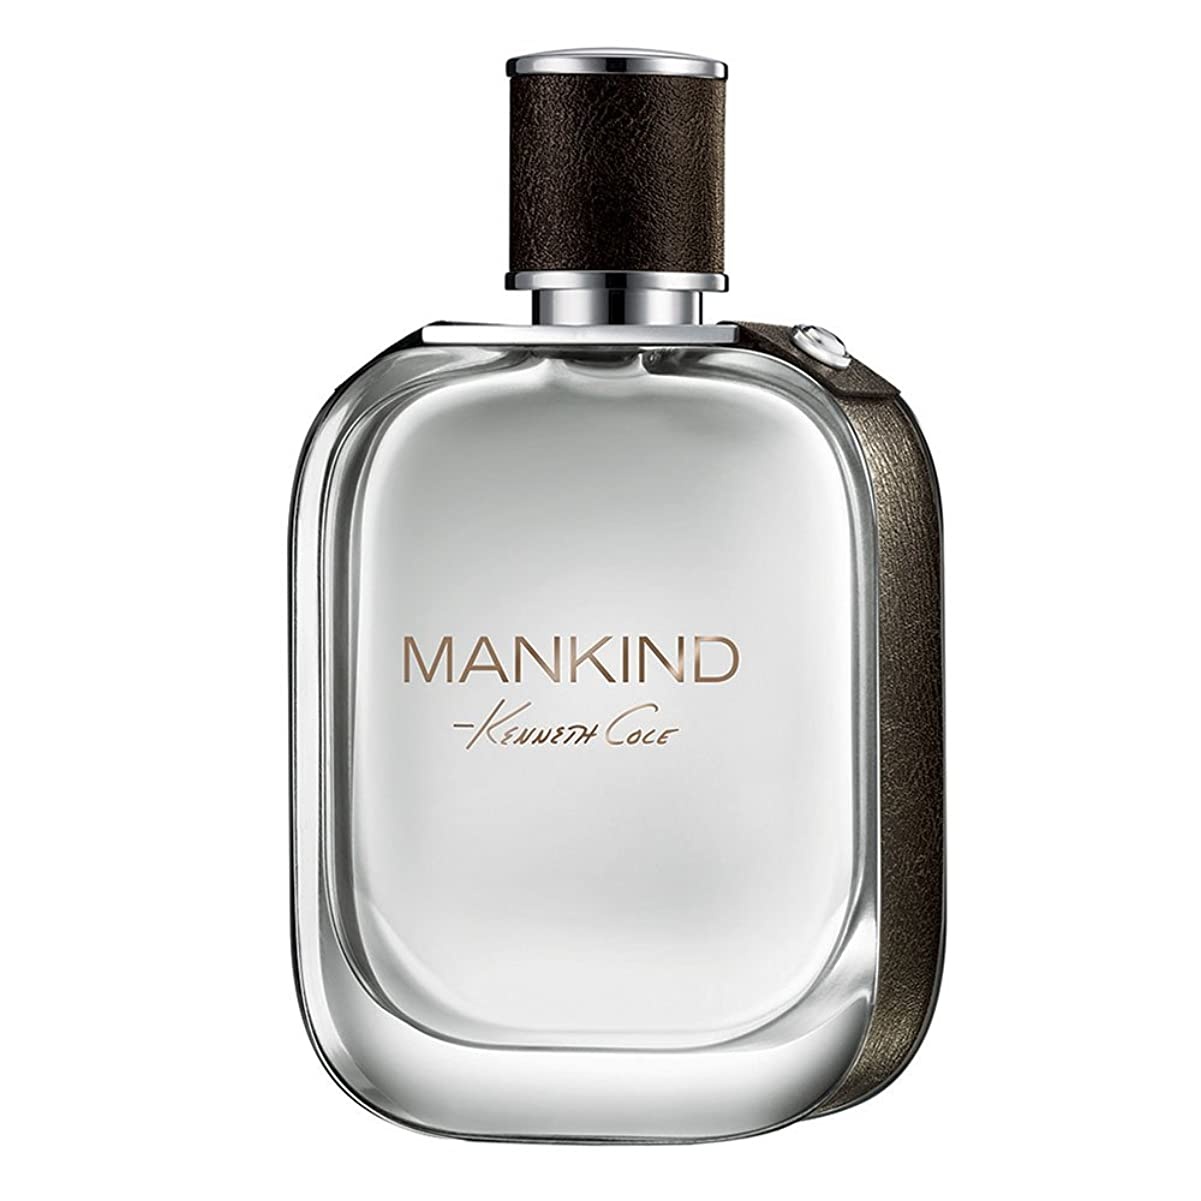 とても多くの見えないあなたが良くなります[Kenneth Cole] Mankind 100 ml EDT SP